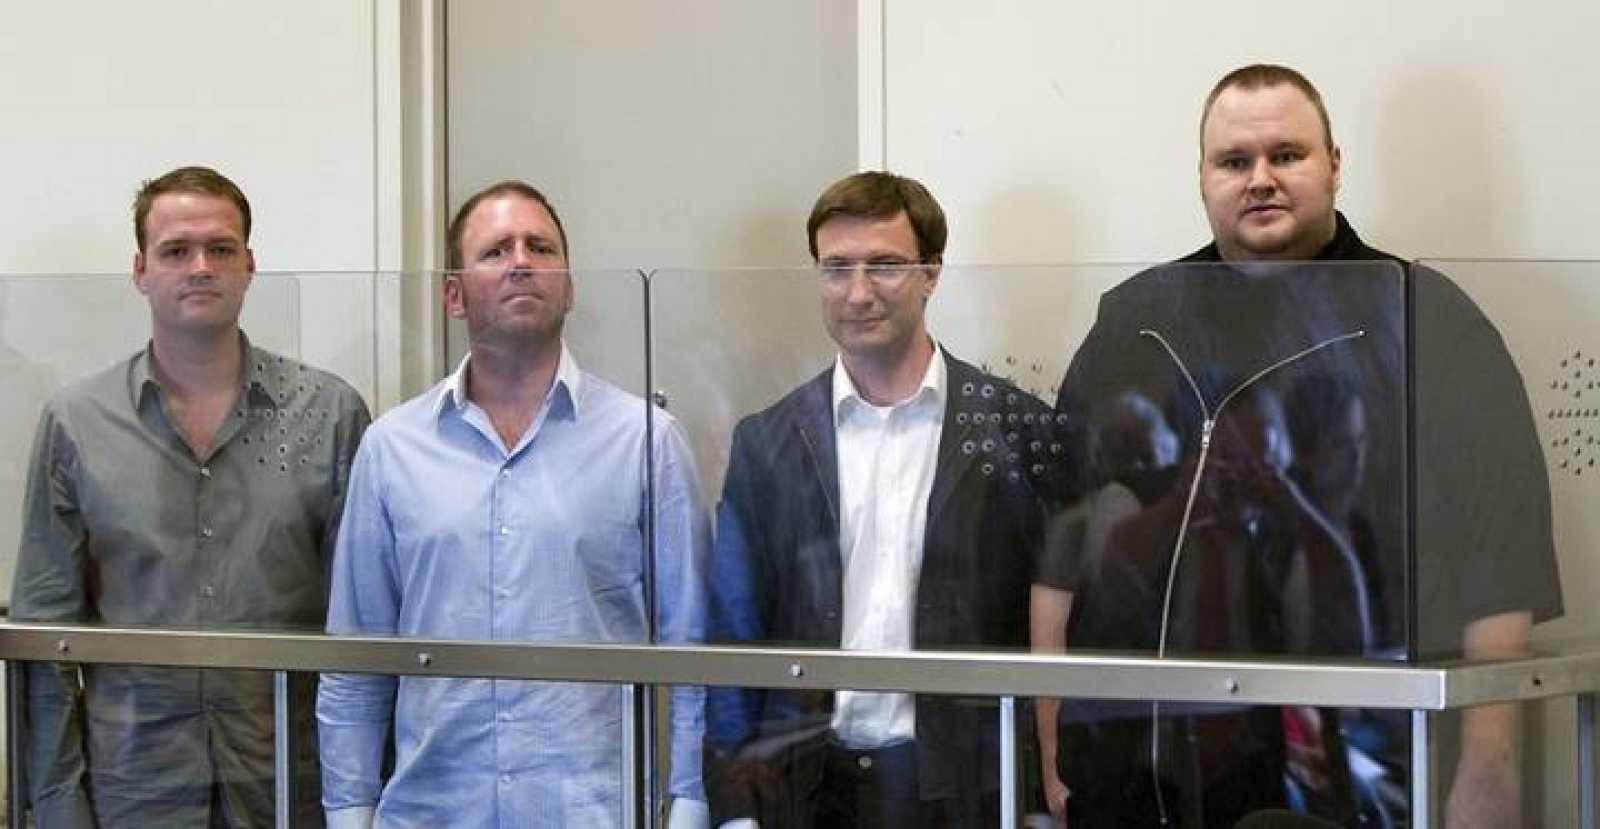 Bram van der Kolk, Finn Batato, Mathias Ortmann y el fundador de la popular página de descargas MegaUpload, Kim Schmitz, están en prisión preventiva